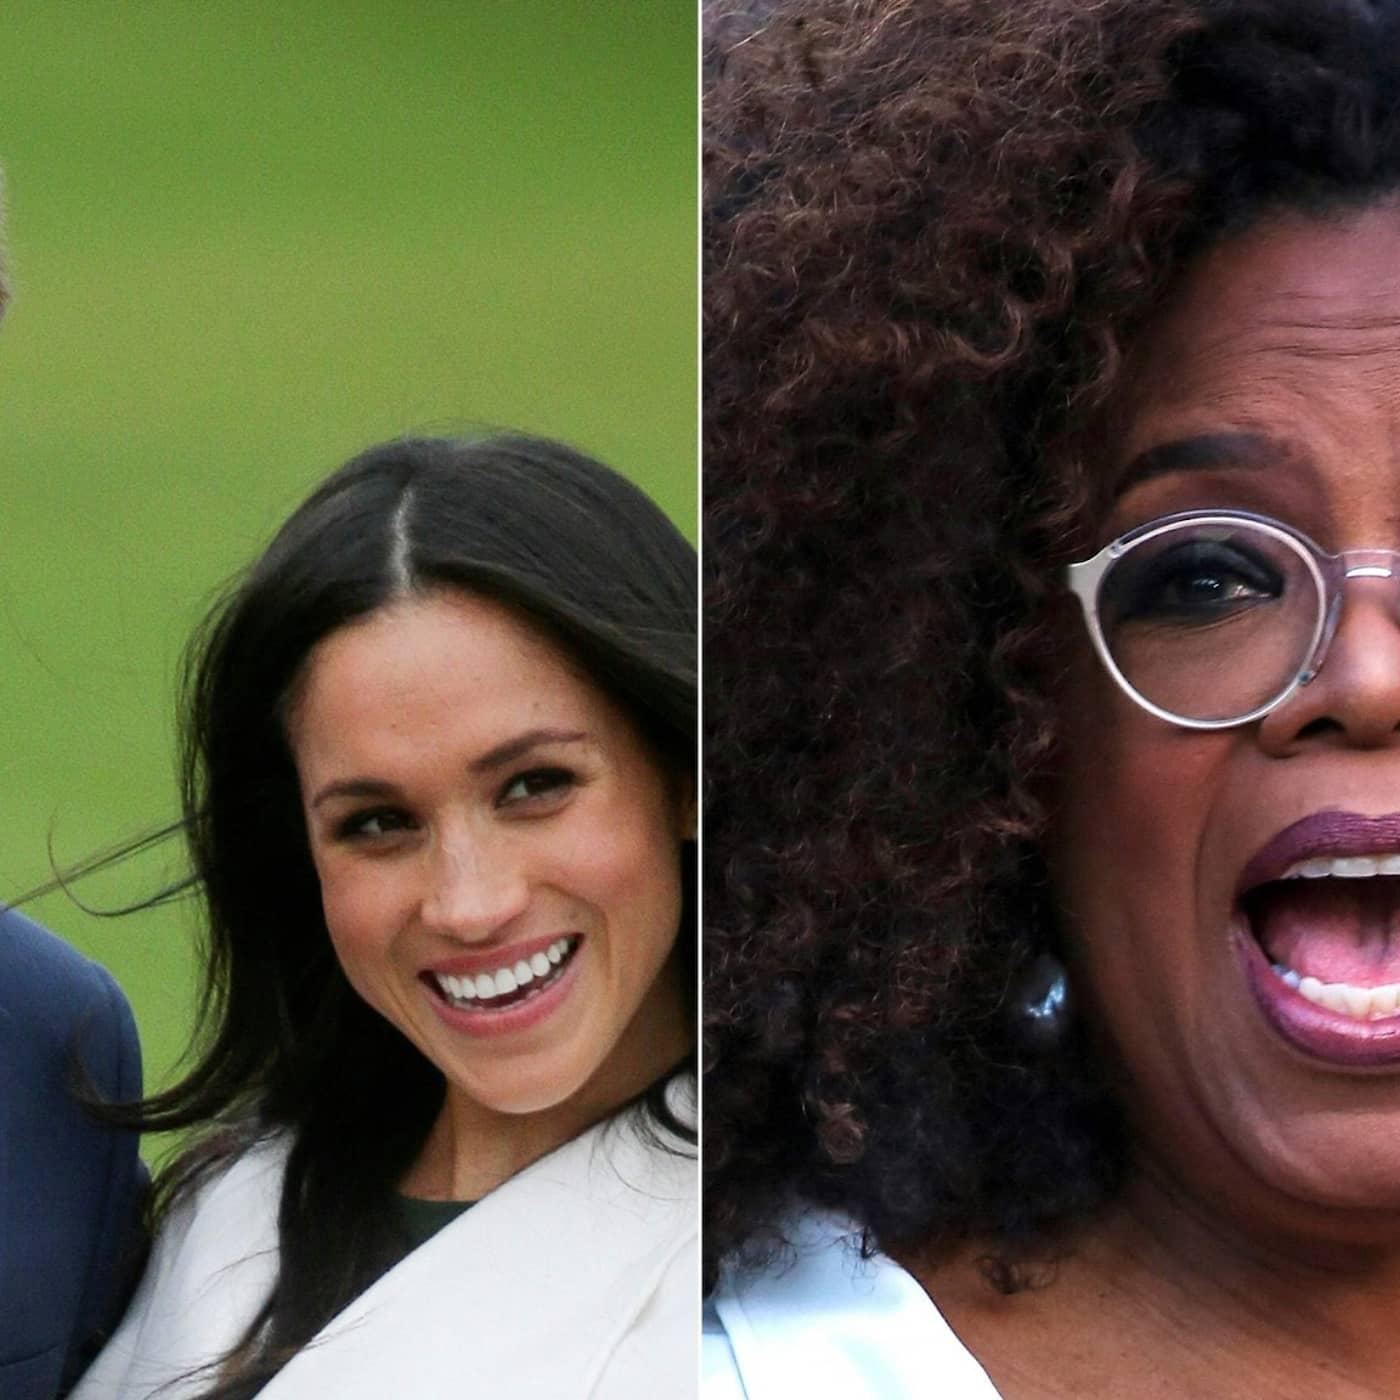 Bulletin inifrån – hör de kaotiska mötena, PR-spelet bakom Oprahs kungliga intervju och olagliga barninfluencers i Frankrike